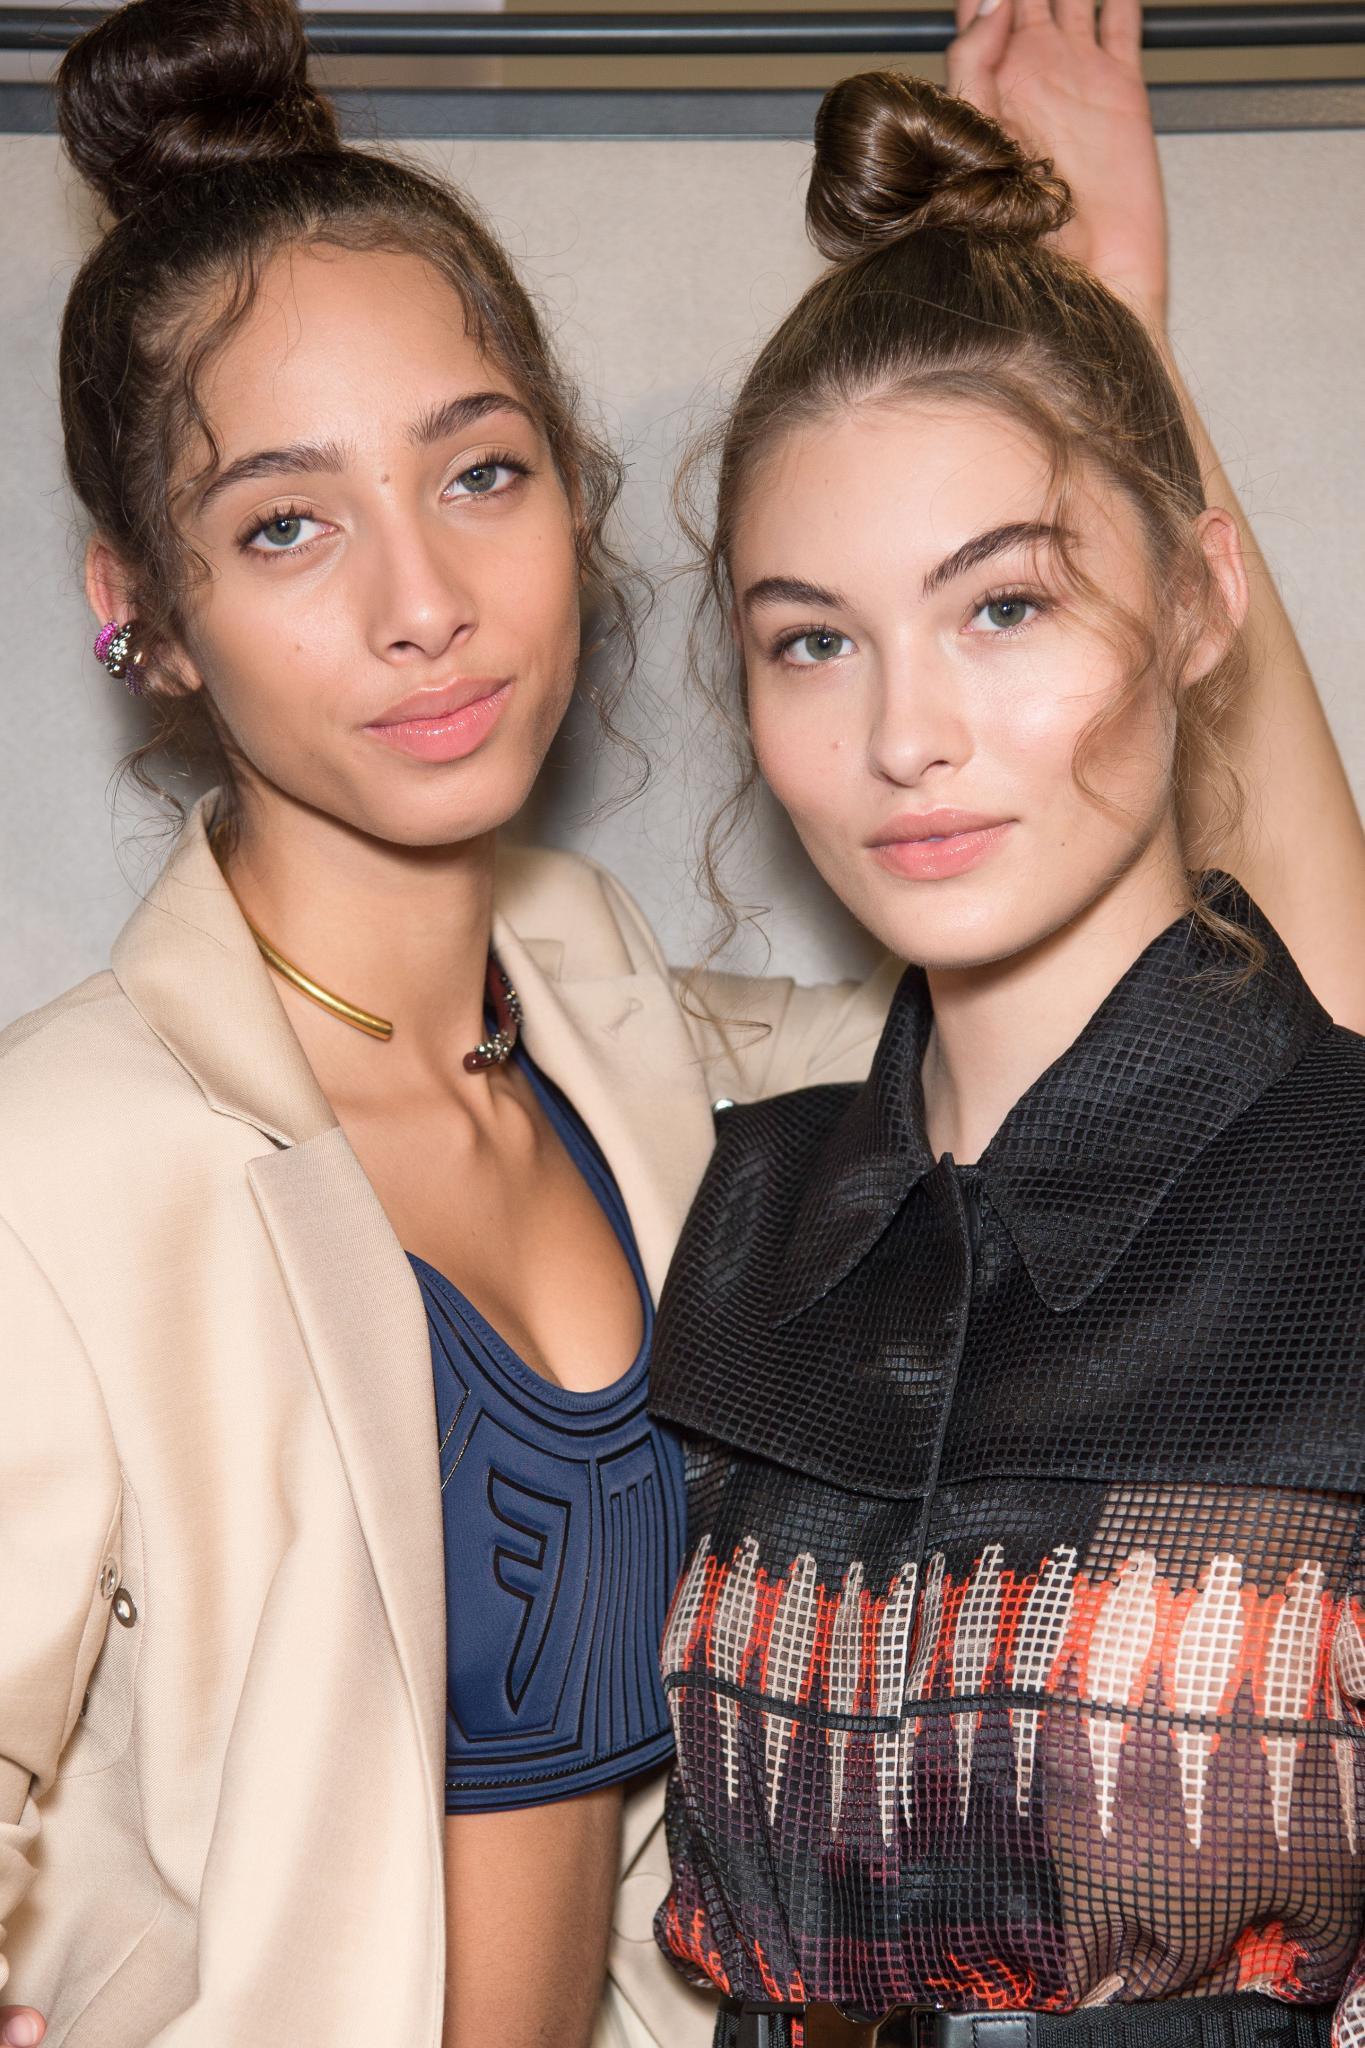 Deux mannequins dans les coulisses de Fendi, avec des cheveux volants et filiformes, coiffés en topknot, portant des vêtements Fendi et posant pour la photo